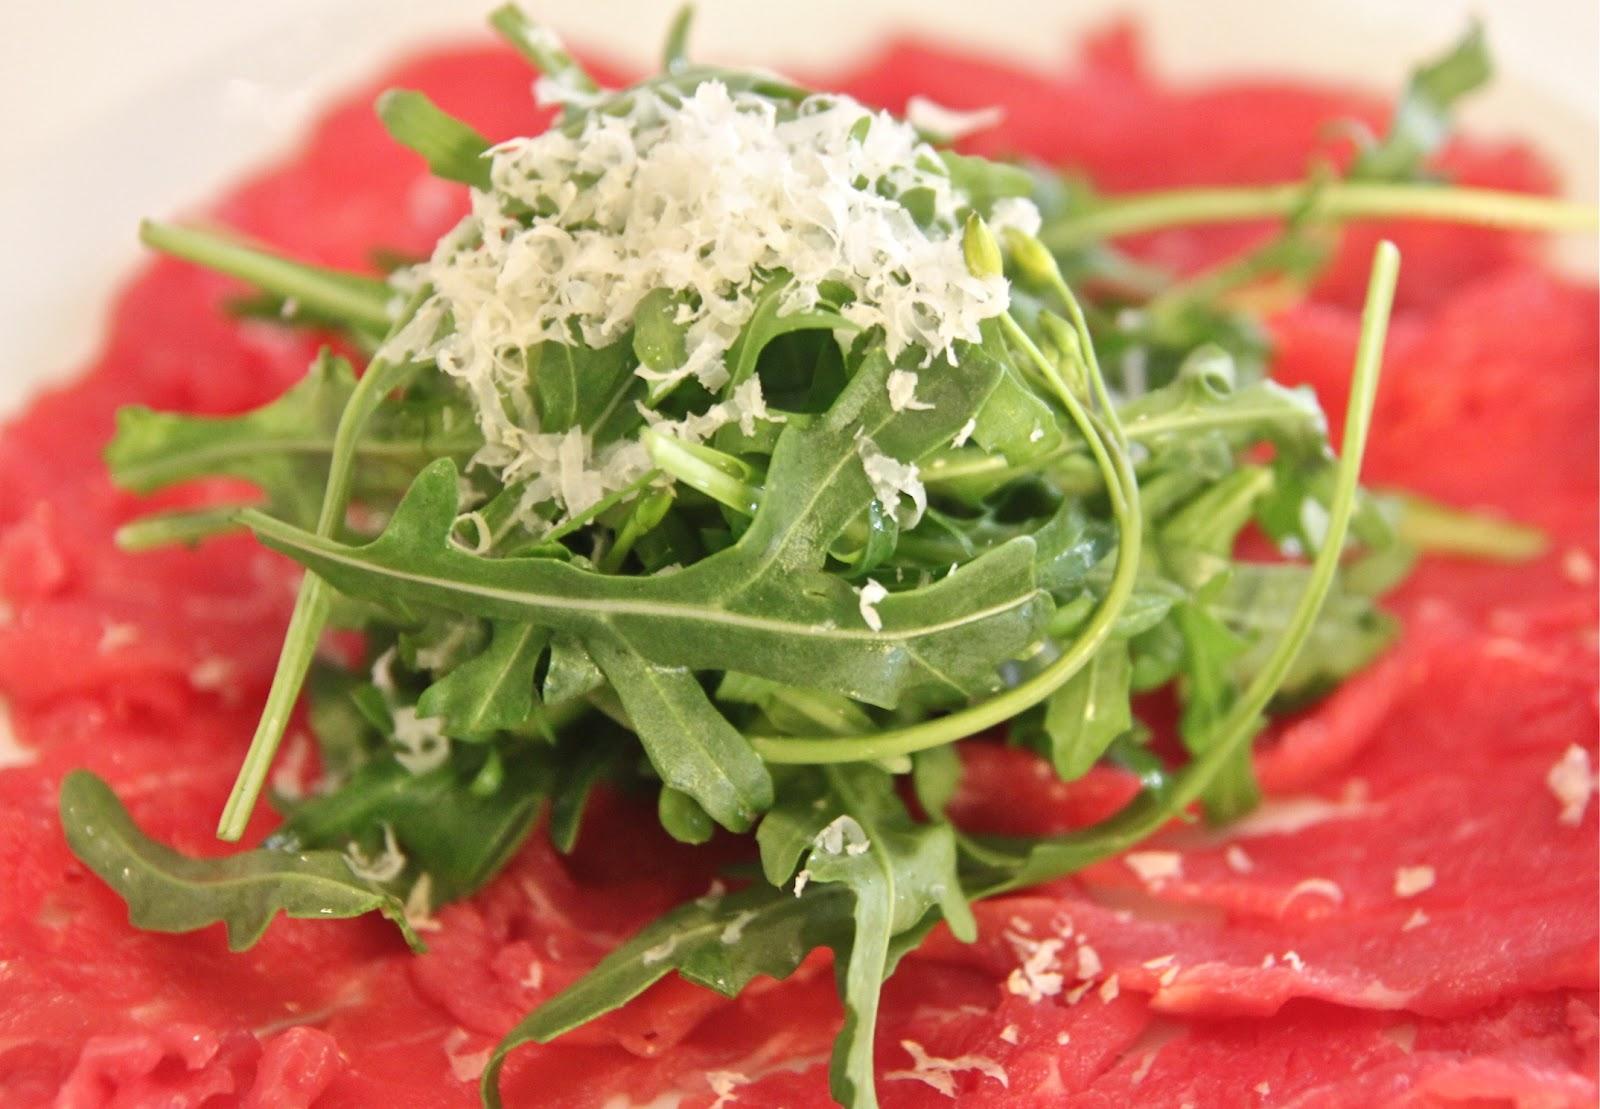 Beef Carpaccio, Western style